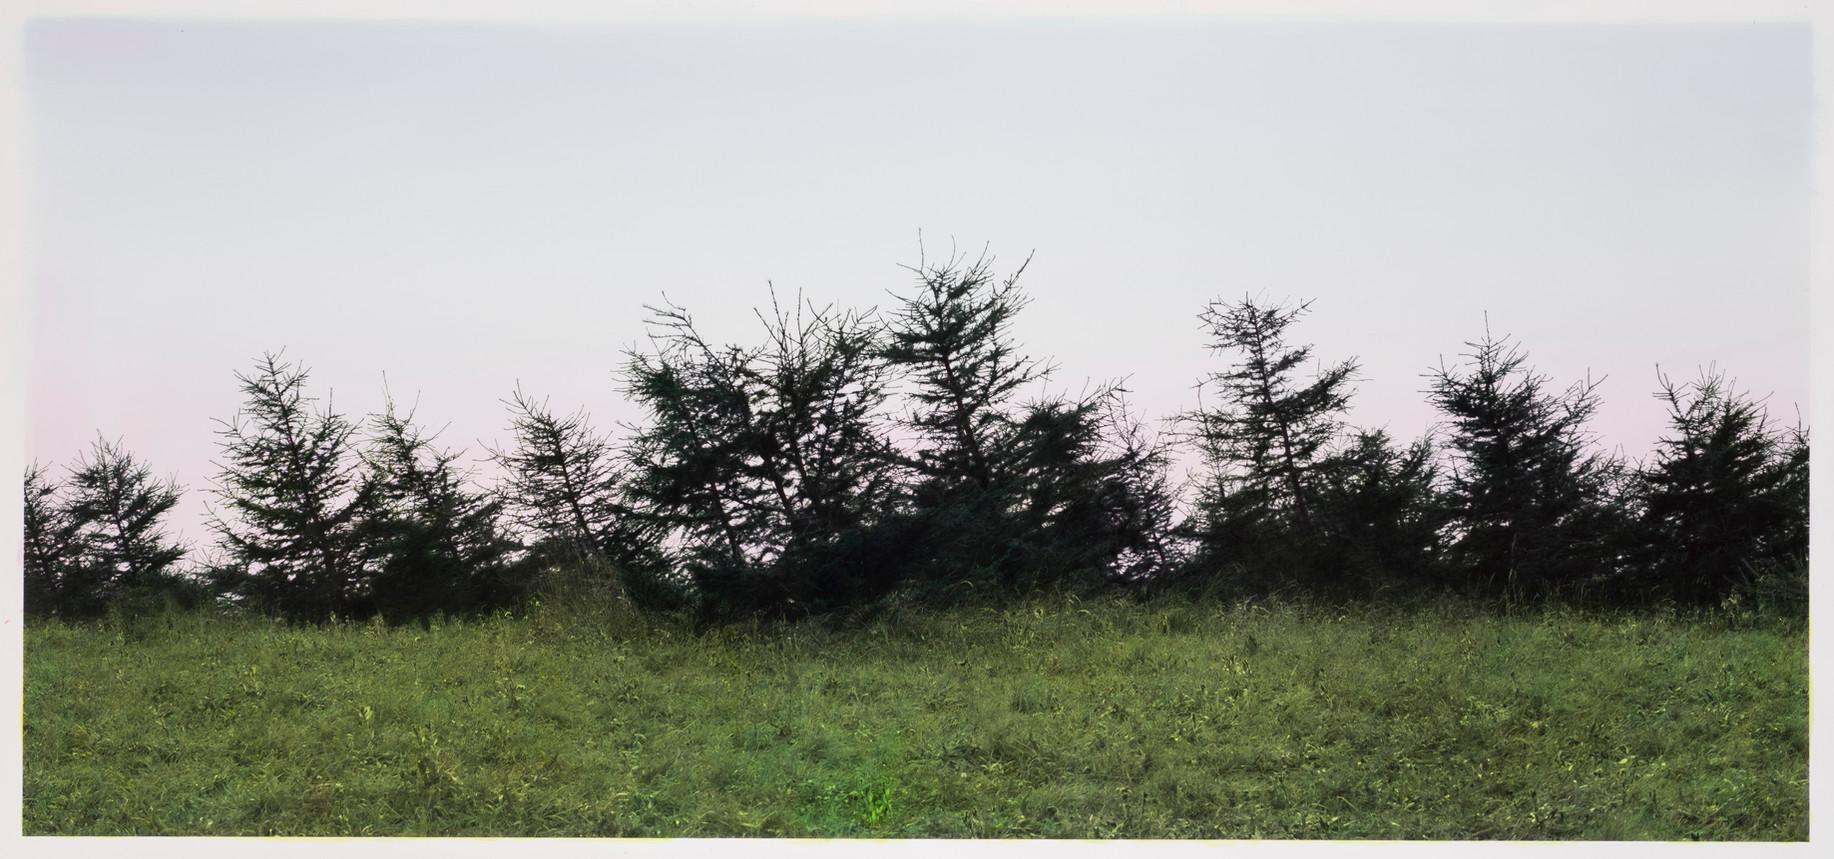 倾斜的树林   史国威   2016